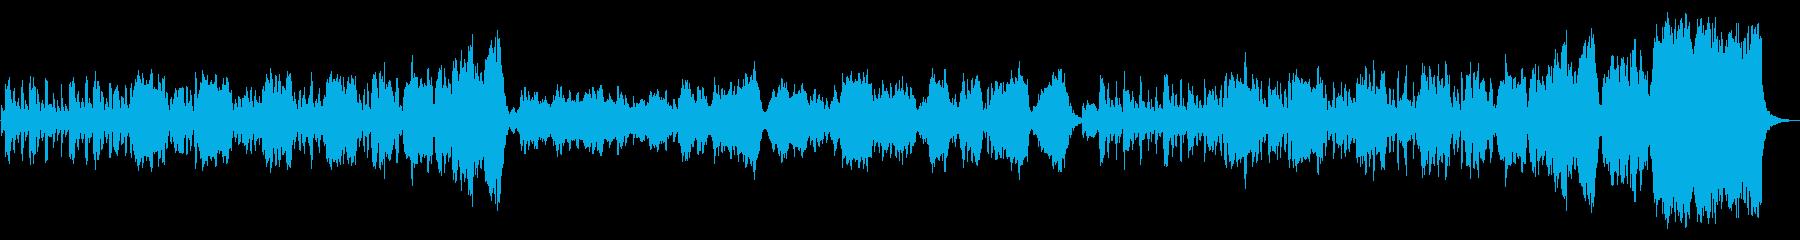 オーボエとストリングスカルテットの、軽…の再生済みの波形